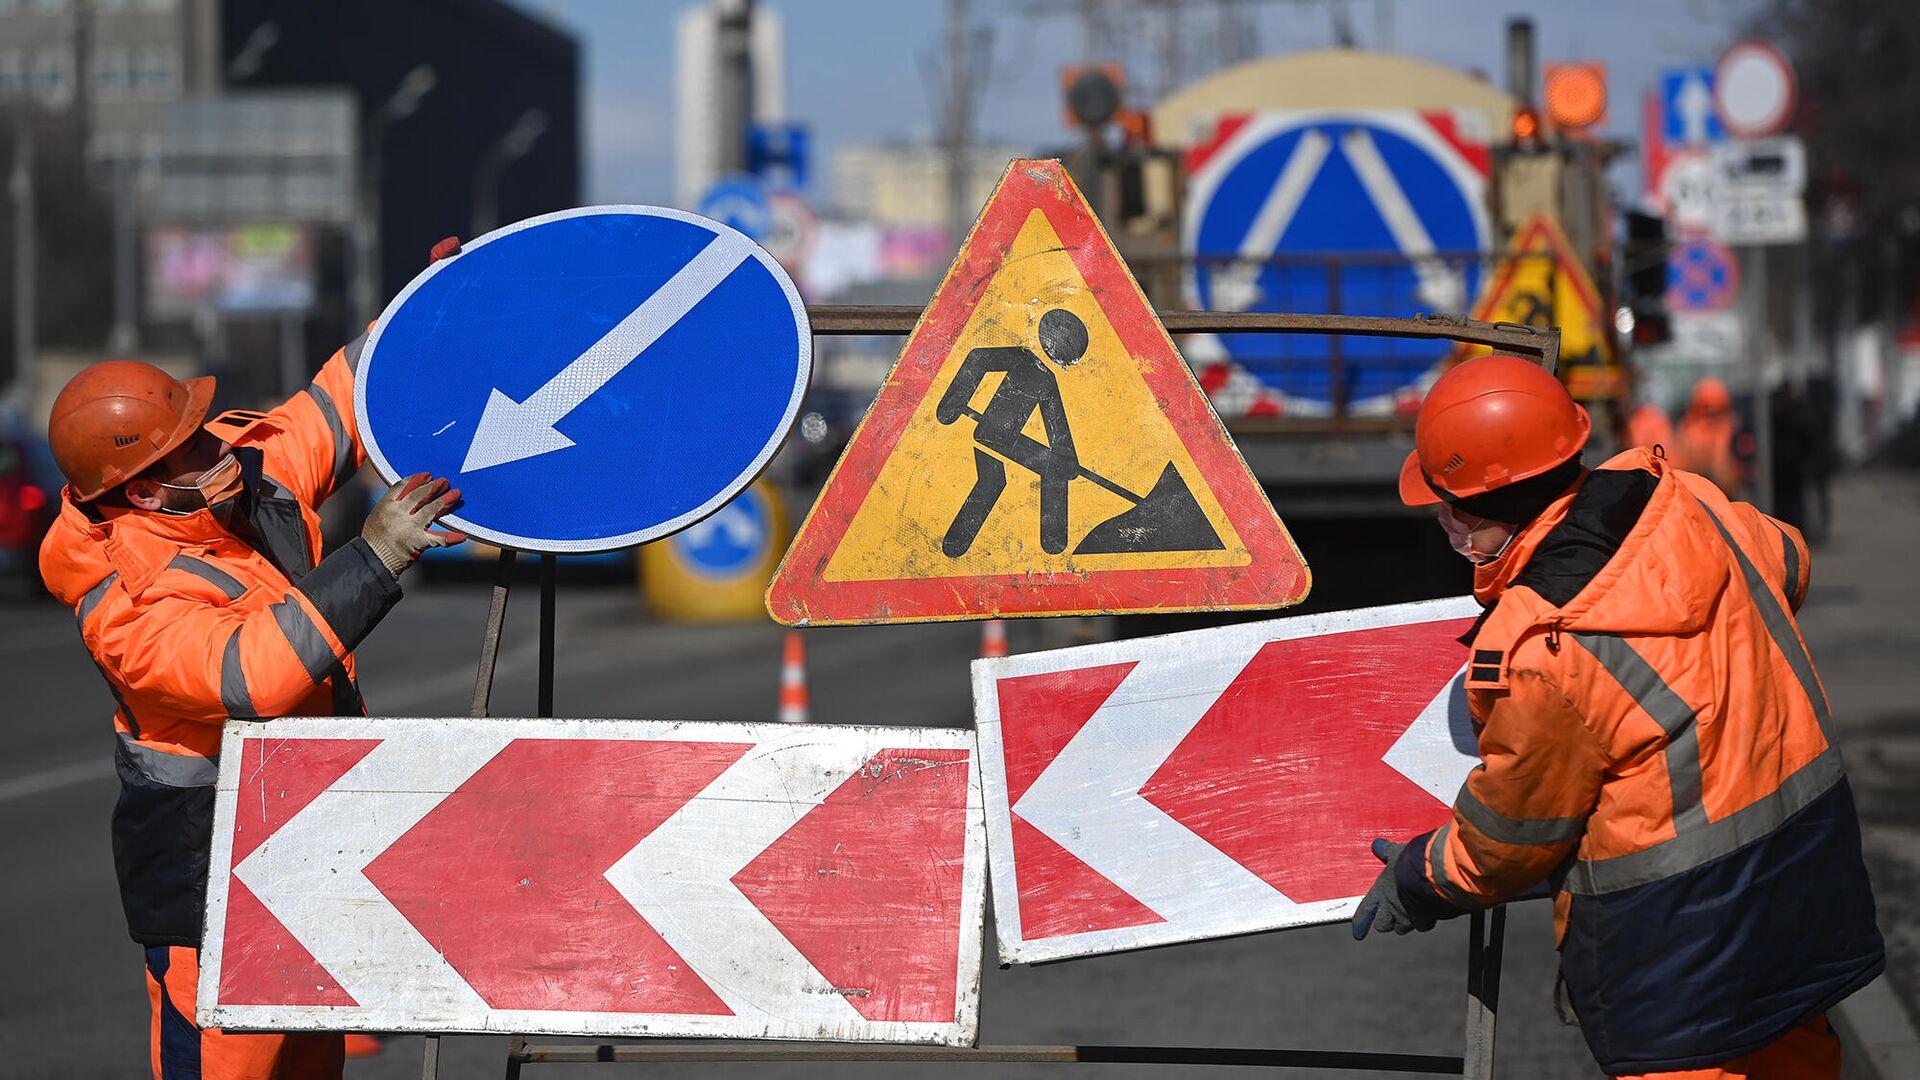 Рабочие во время ремонта асфальтобетонного покрытия - РИА Новости, 1920, 20.04.2021